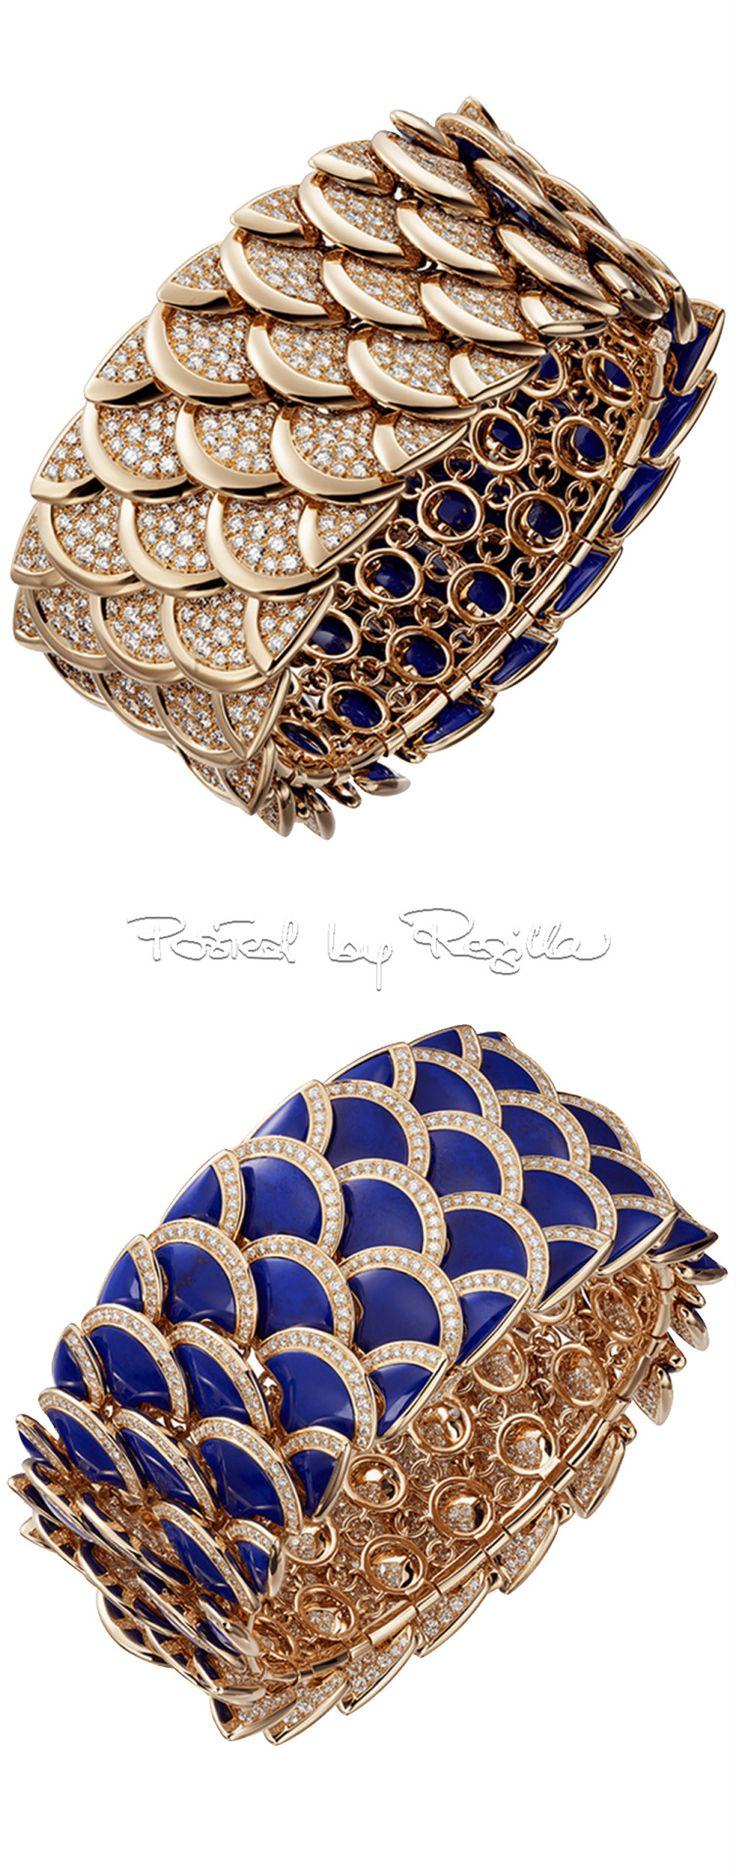 Regilla ⚜ 2017, The new Cartier High Jewelry collection, Résonances de Carti...